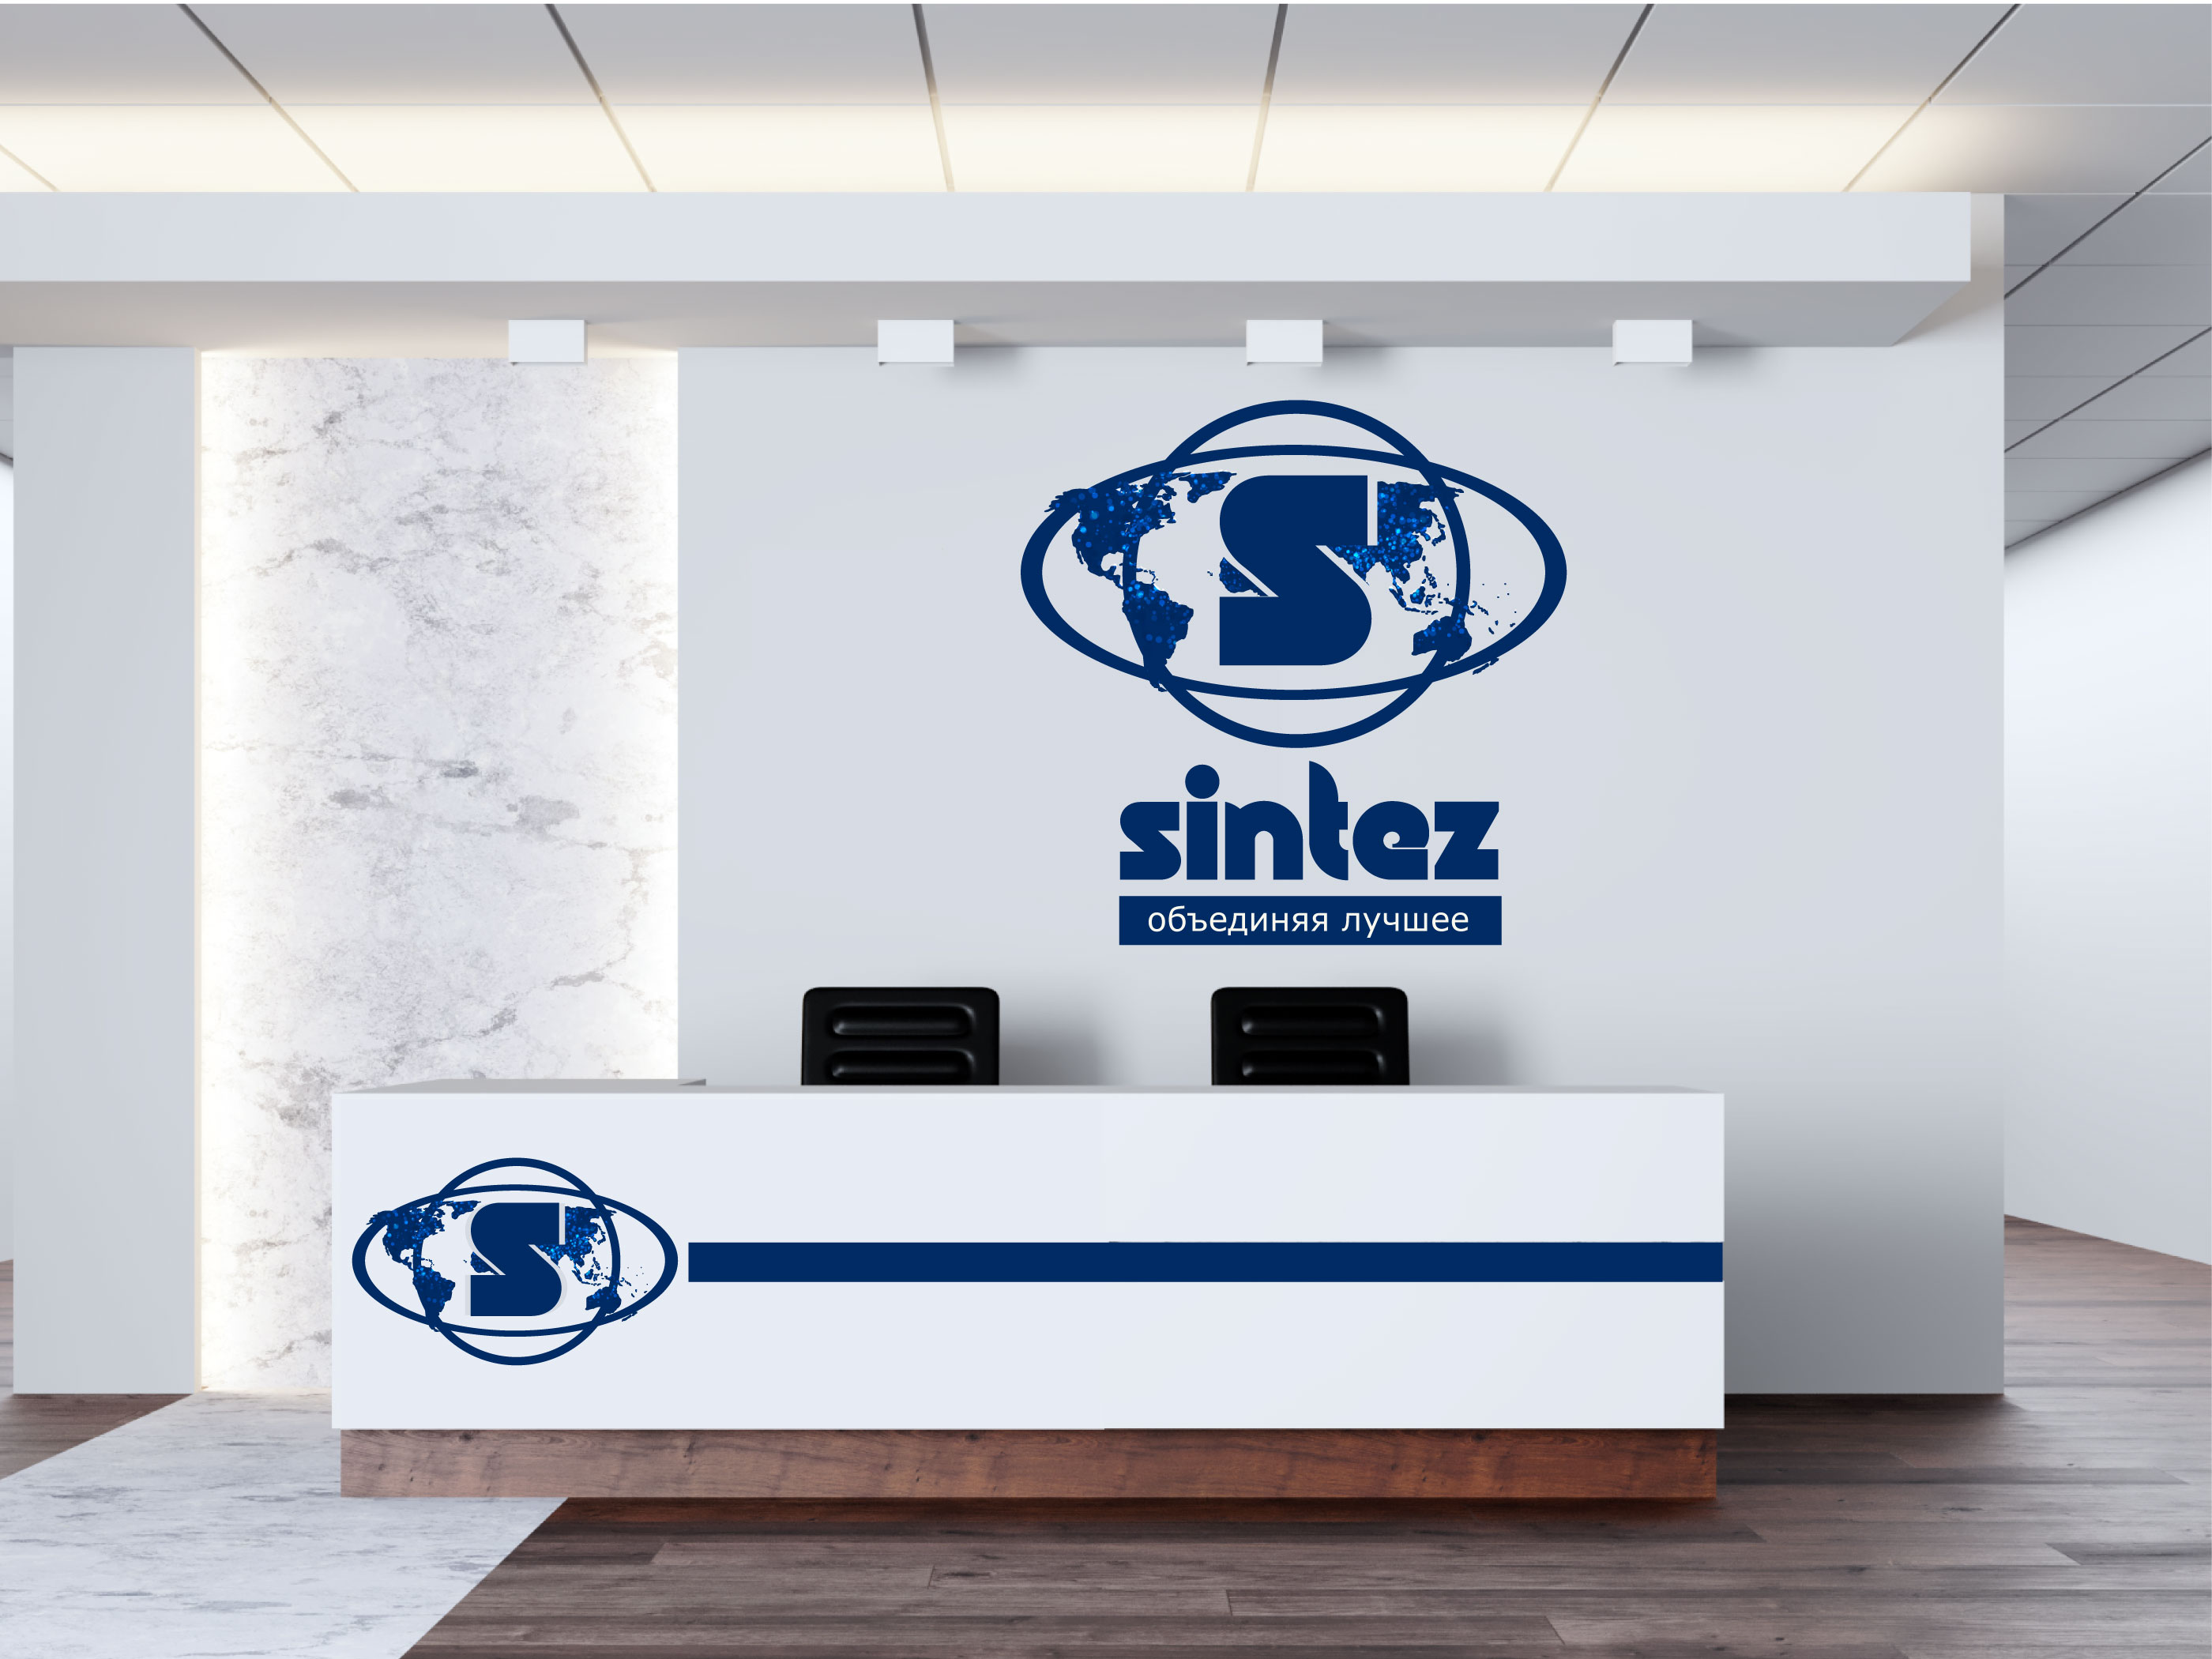 Разрабтка логотипа компании и фирменного шрифта фото f_5295f6096d030a94.jpg